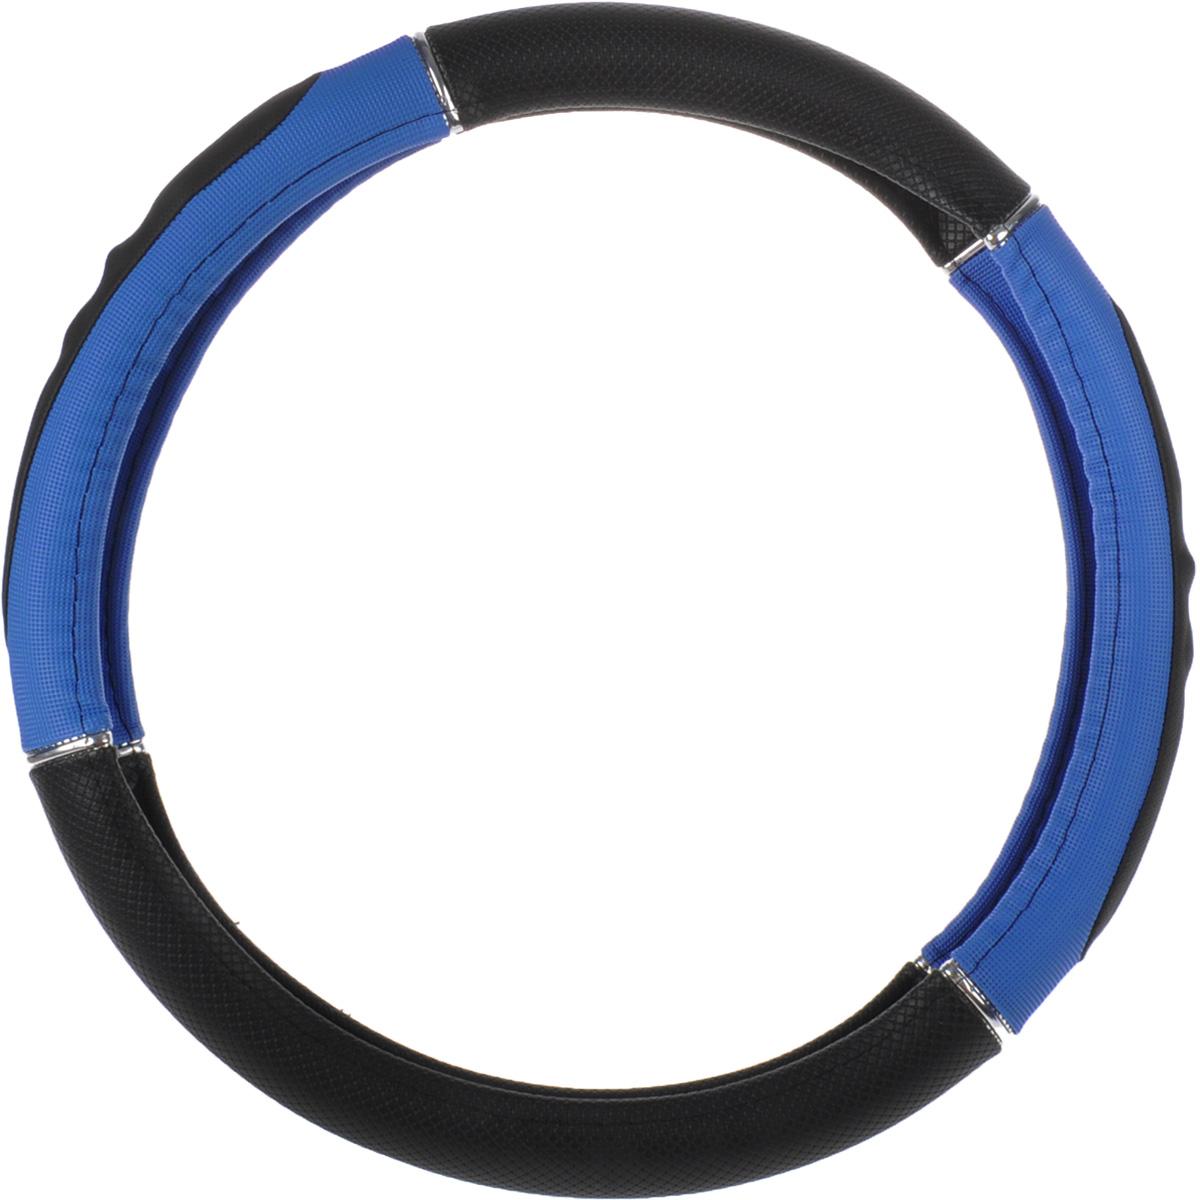 цена на Оплетка руля Autoprofi GL-1020, наполнитель: гель, цвет: черный, синий. Размер M (38 см)